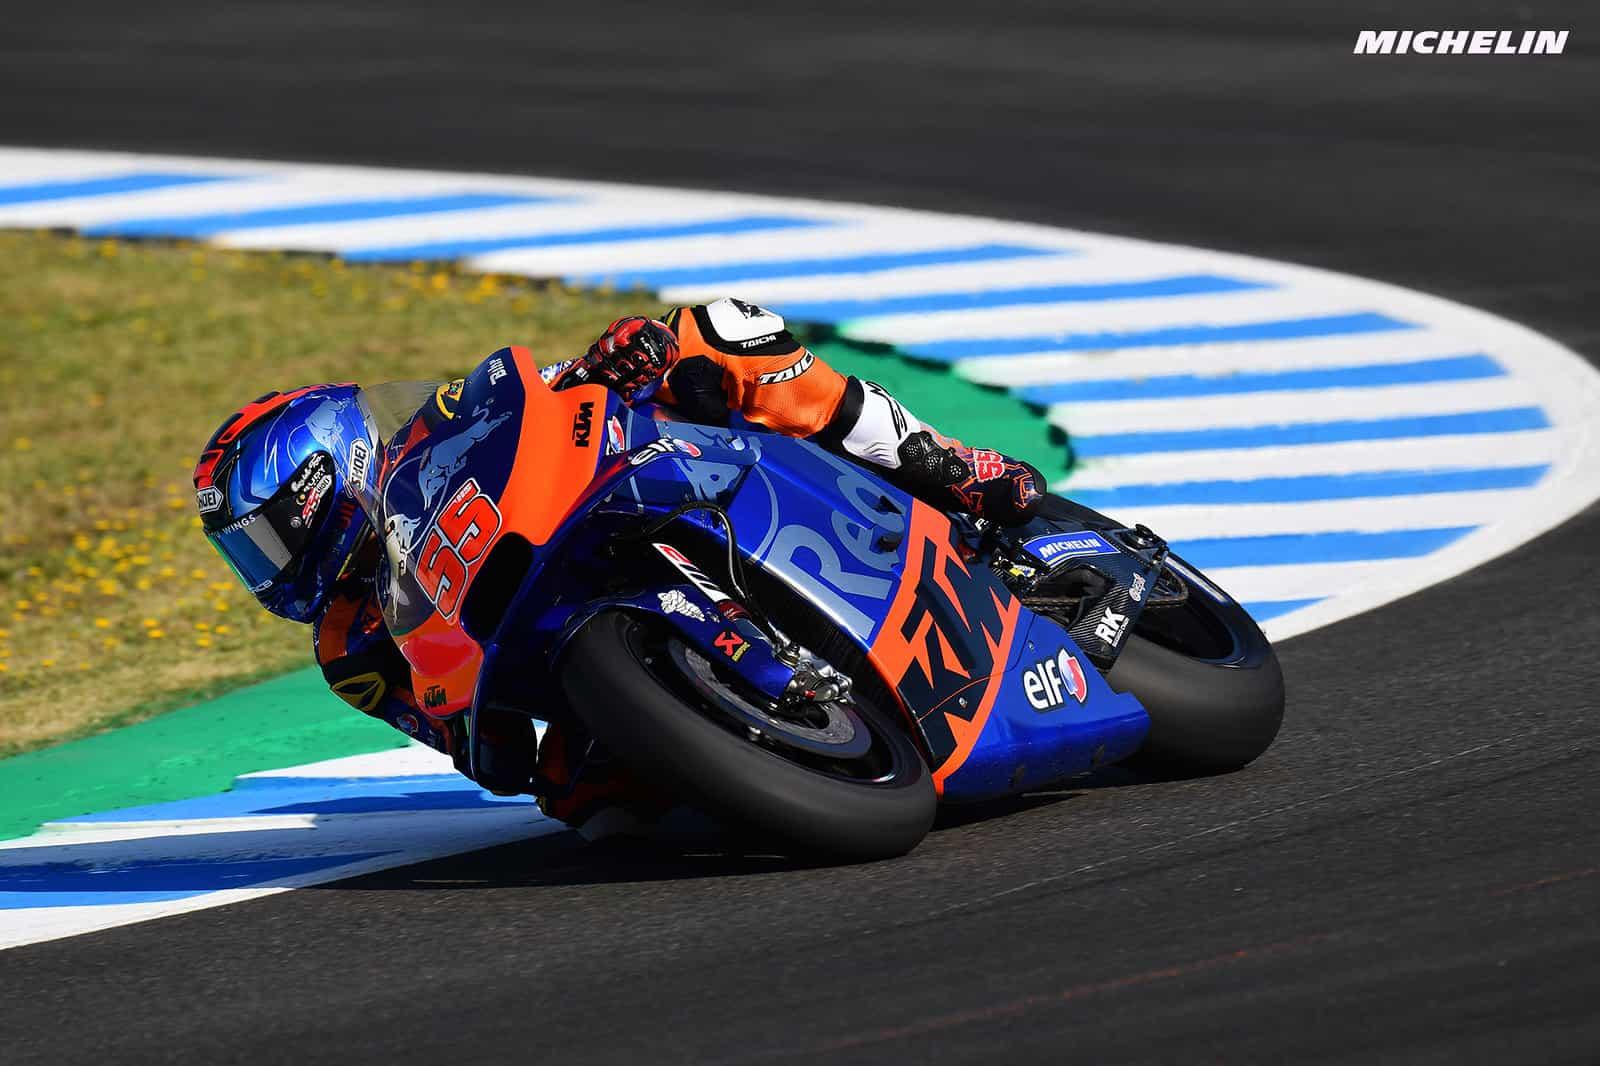 MotoGP2019フランスGP ハフィズ・シャーリン「モチベーションを高く保ってハードにトレーニングを続けている」